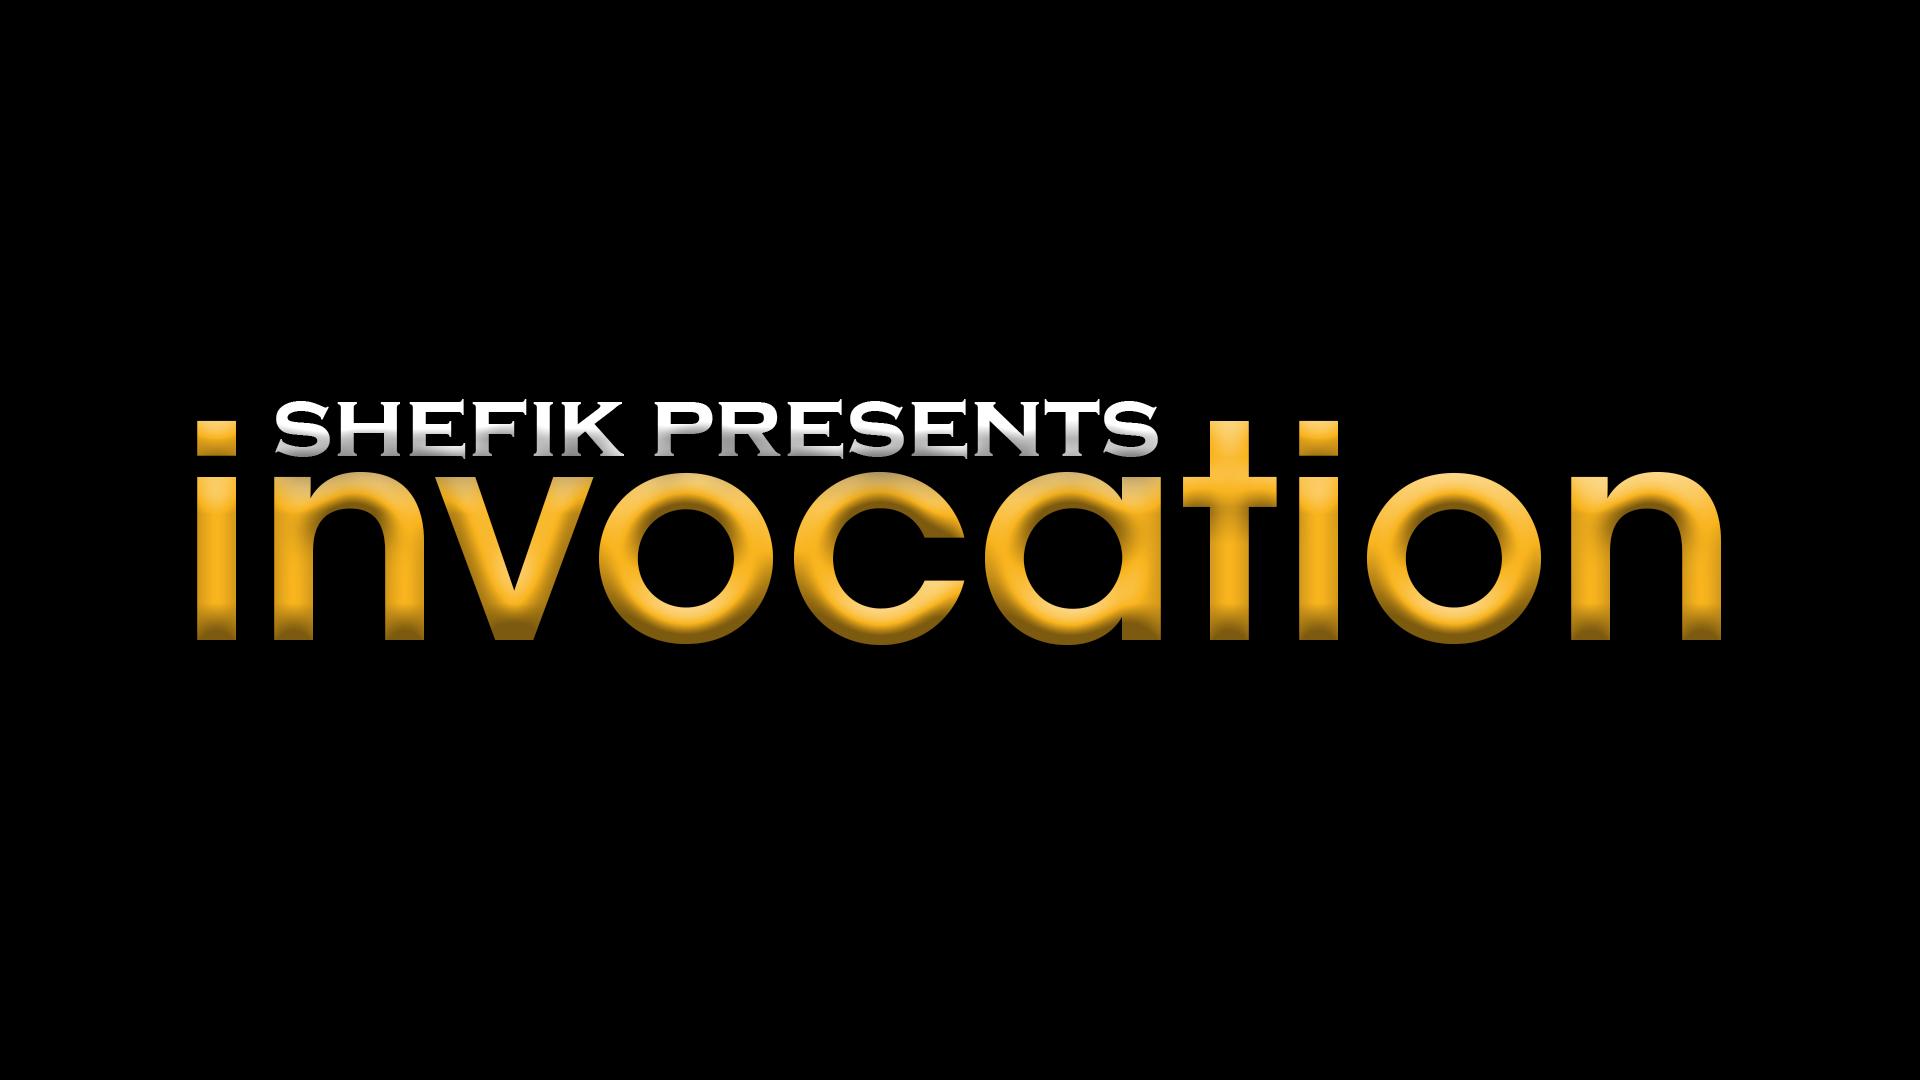 Shefik presents Invocation: Specials